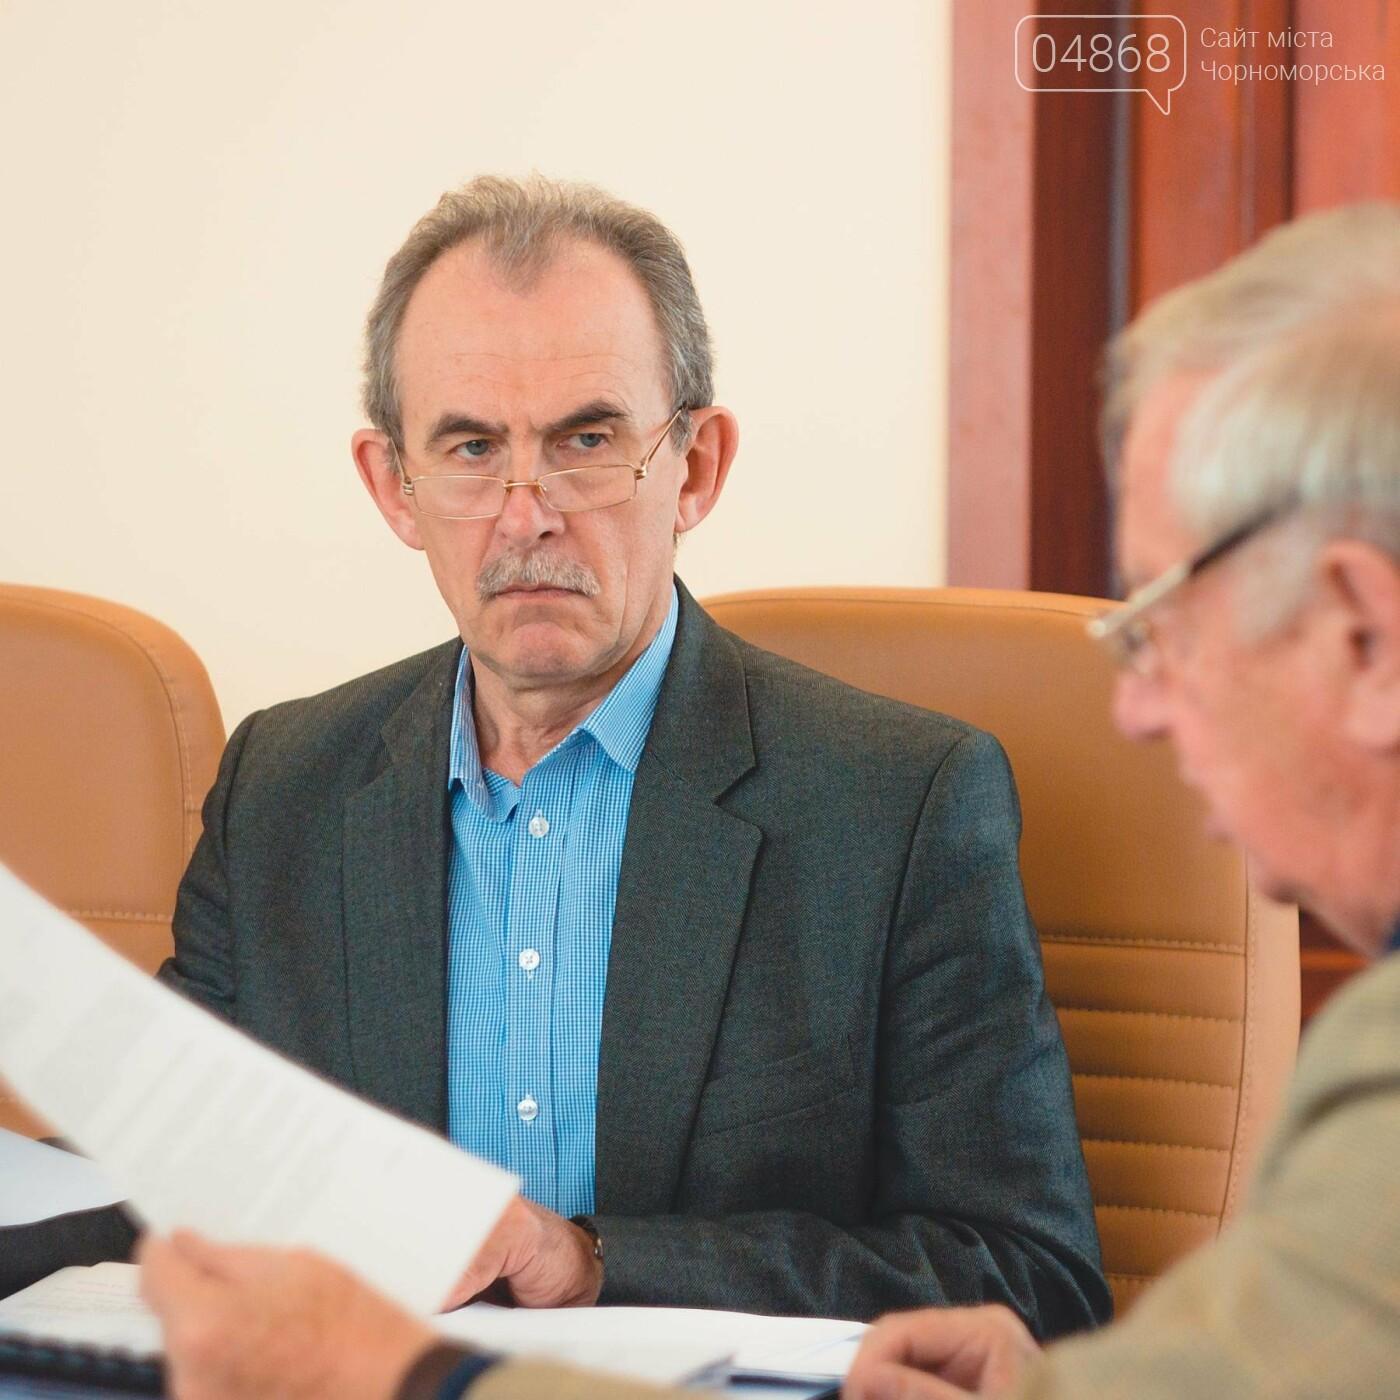 Решением исполкома выделено дополнительно 4 млн. грн. на берегоукрепление в Черноморске, фото-5